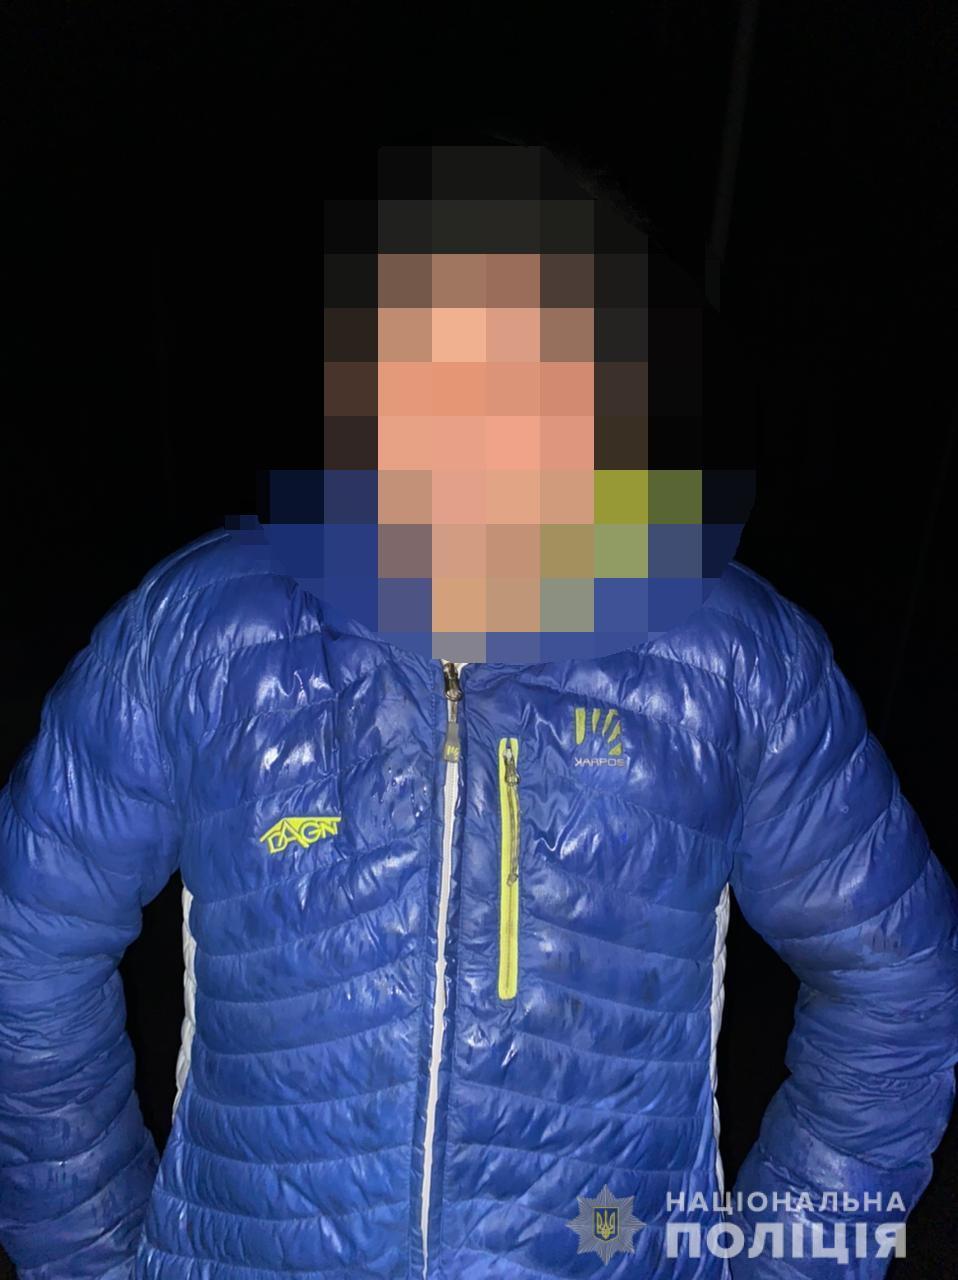 Один із яких викрав бензопилу в жителя села Берегуйфалу, а інший обікрав чоловіка в сусідньому селі Нижні Ремети. За фактами крадіжок відкриті кримінальні провадження.